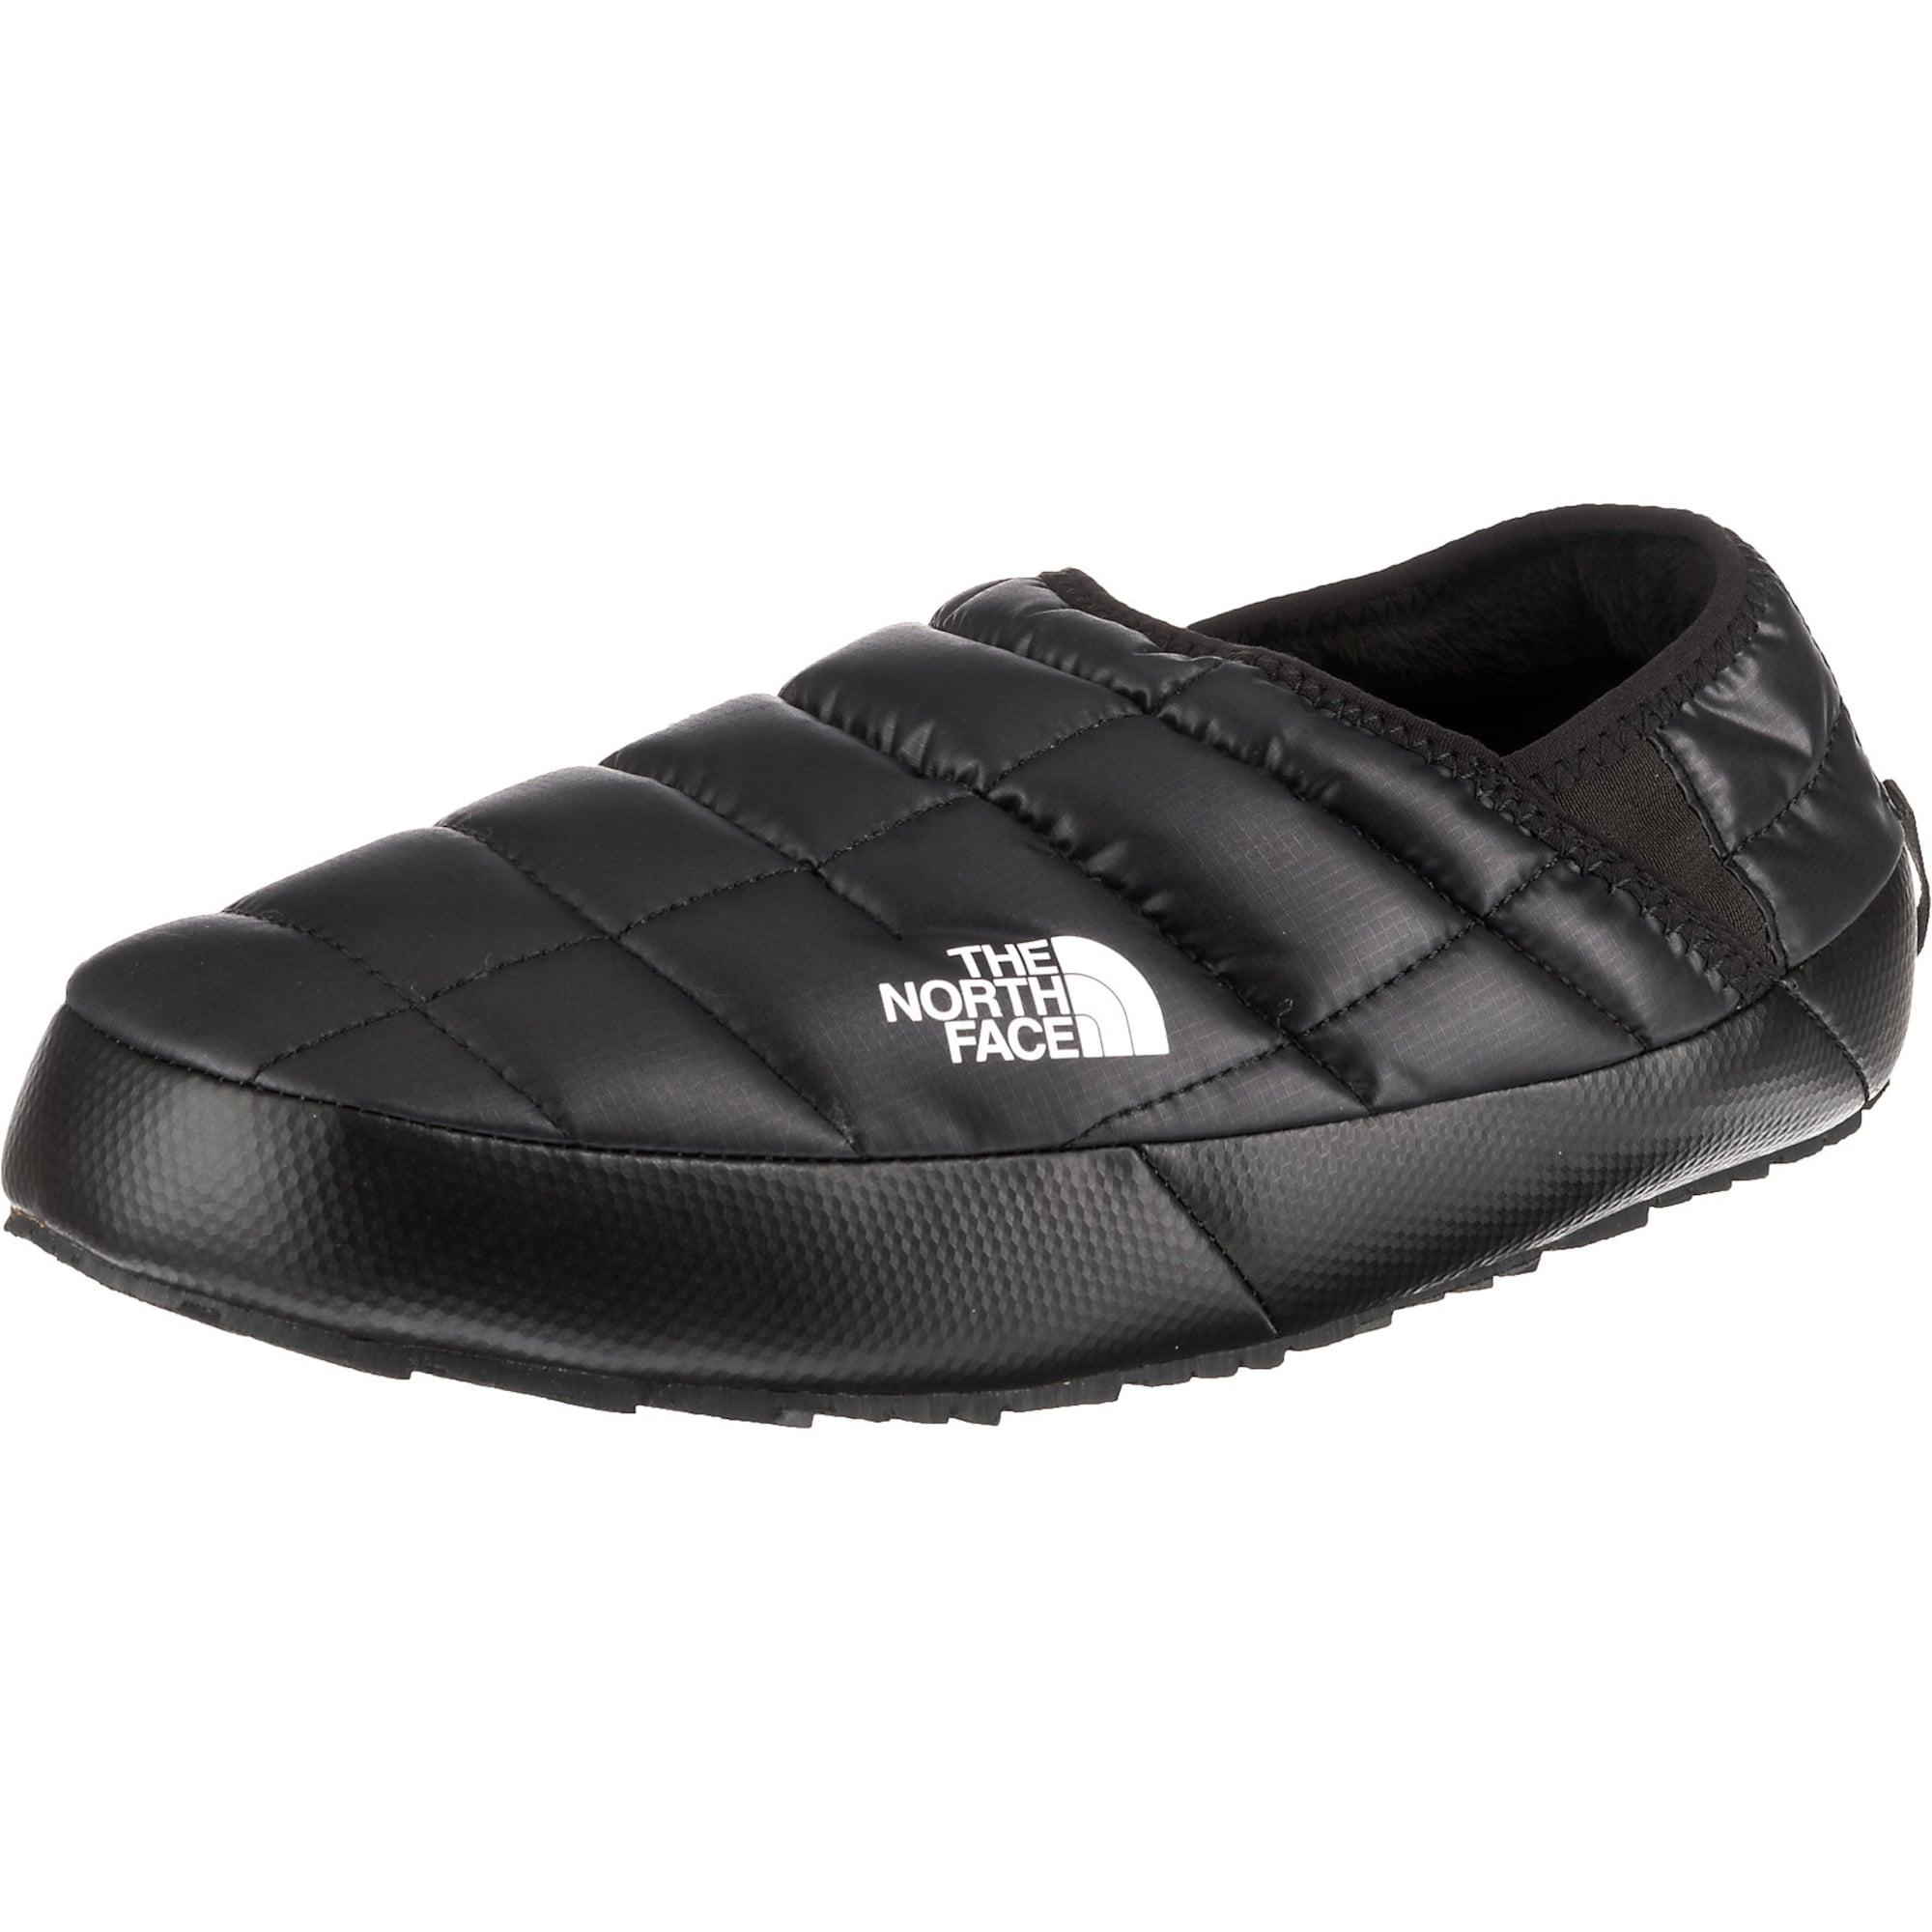 Hausschuhe | Schuhe > Hausschuhe | Schwarz | The North Face